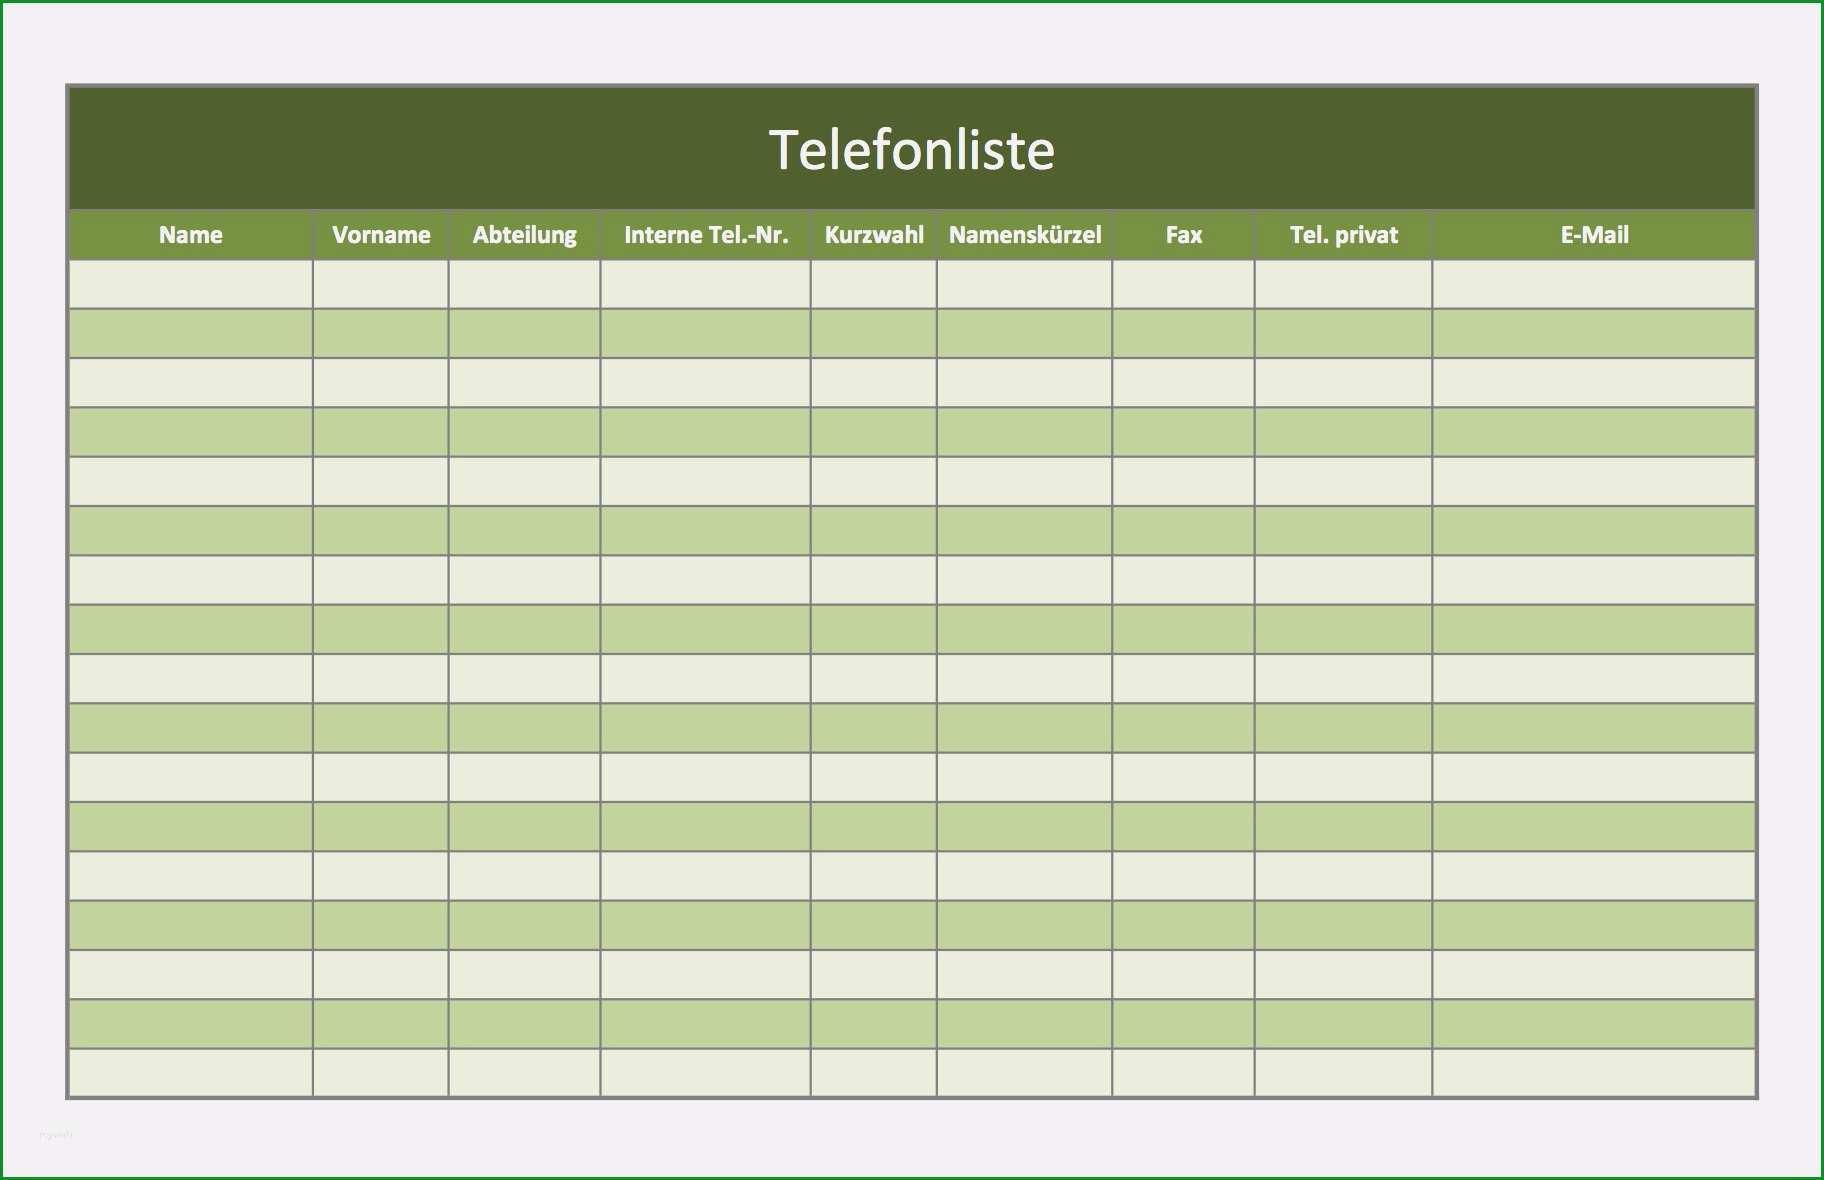 adressbuch vorlage zum drucken inspiration telefonverzeichnis als excel vorlagen kostenlos